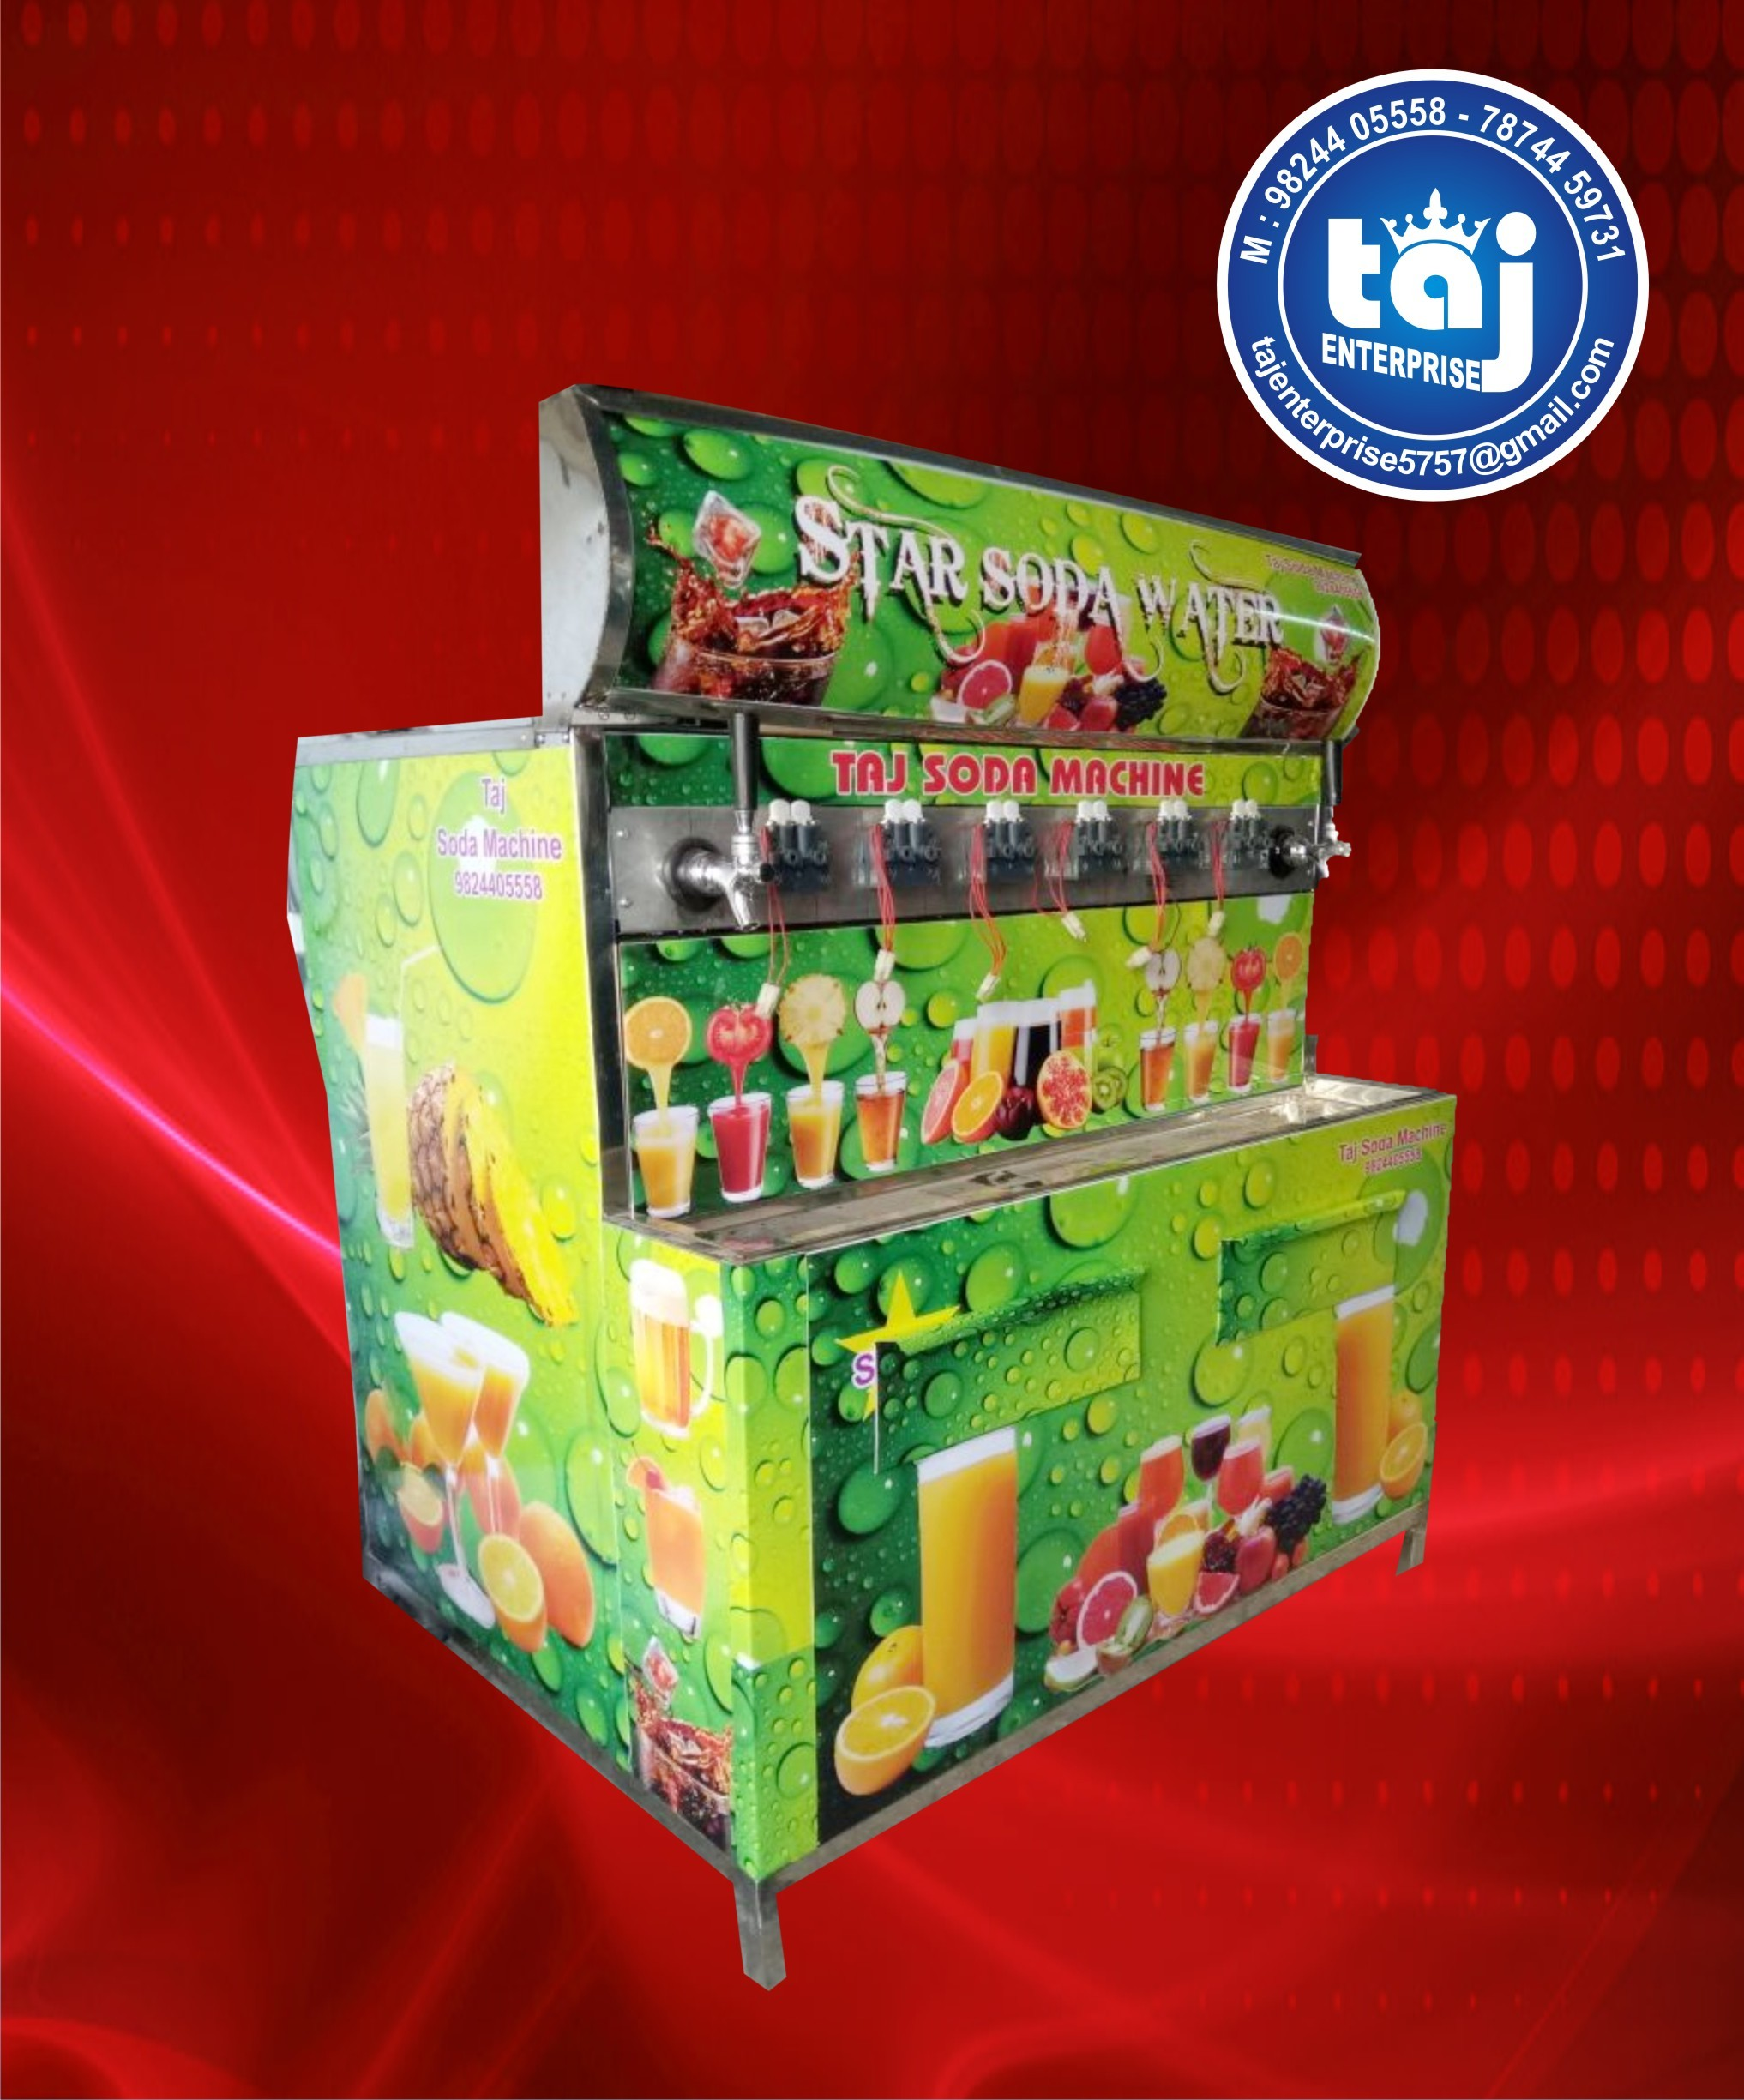 6 Valve Soda Beverage Dispenser